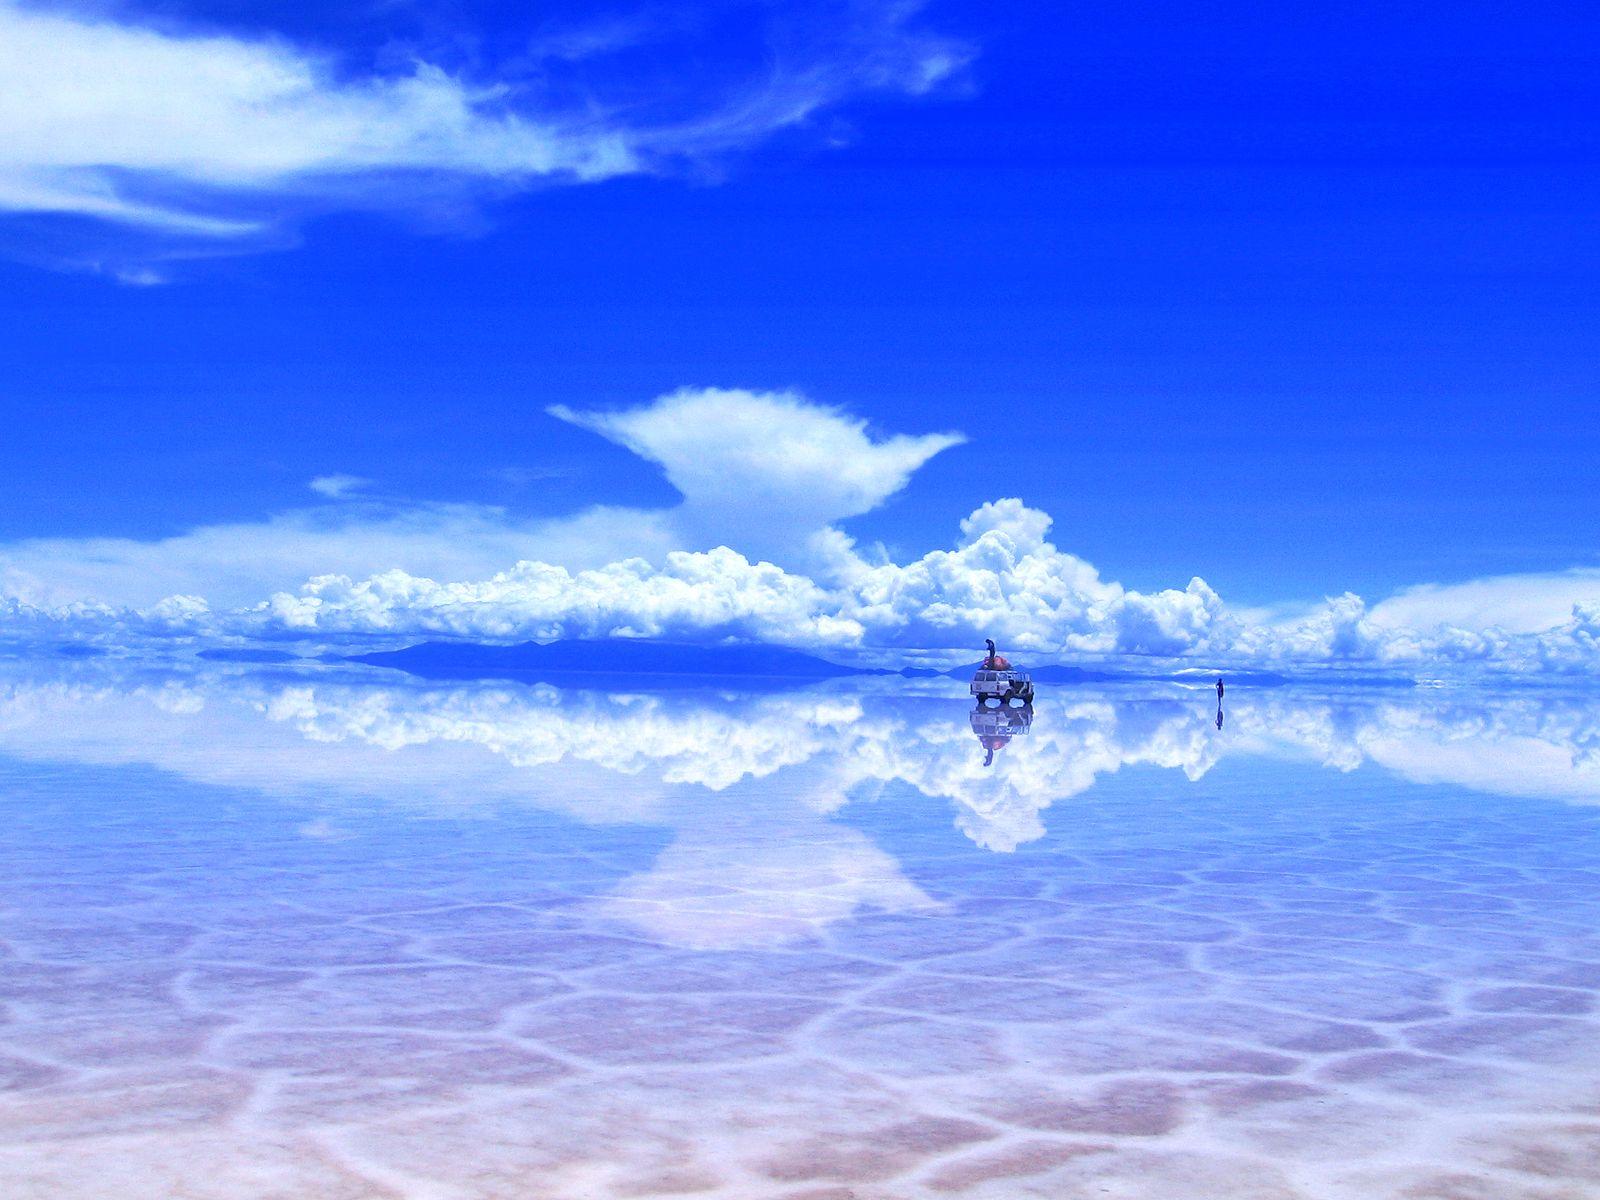 """Résultat de recherche d'images pour """"Salar de Uyuni, Bolivia presentation english"""""""